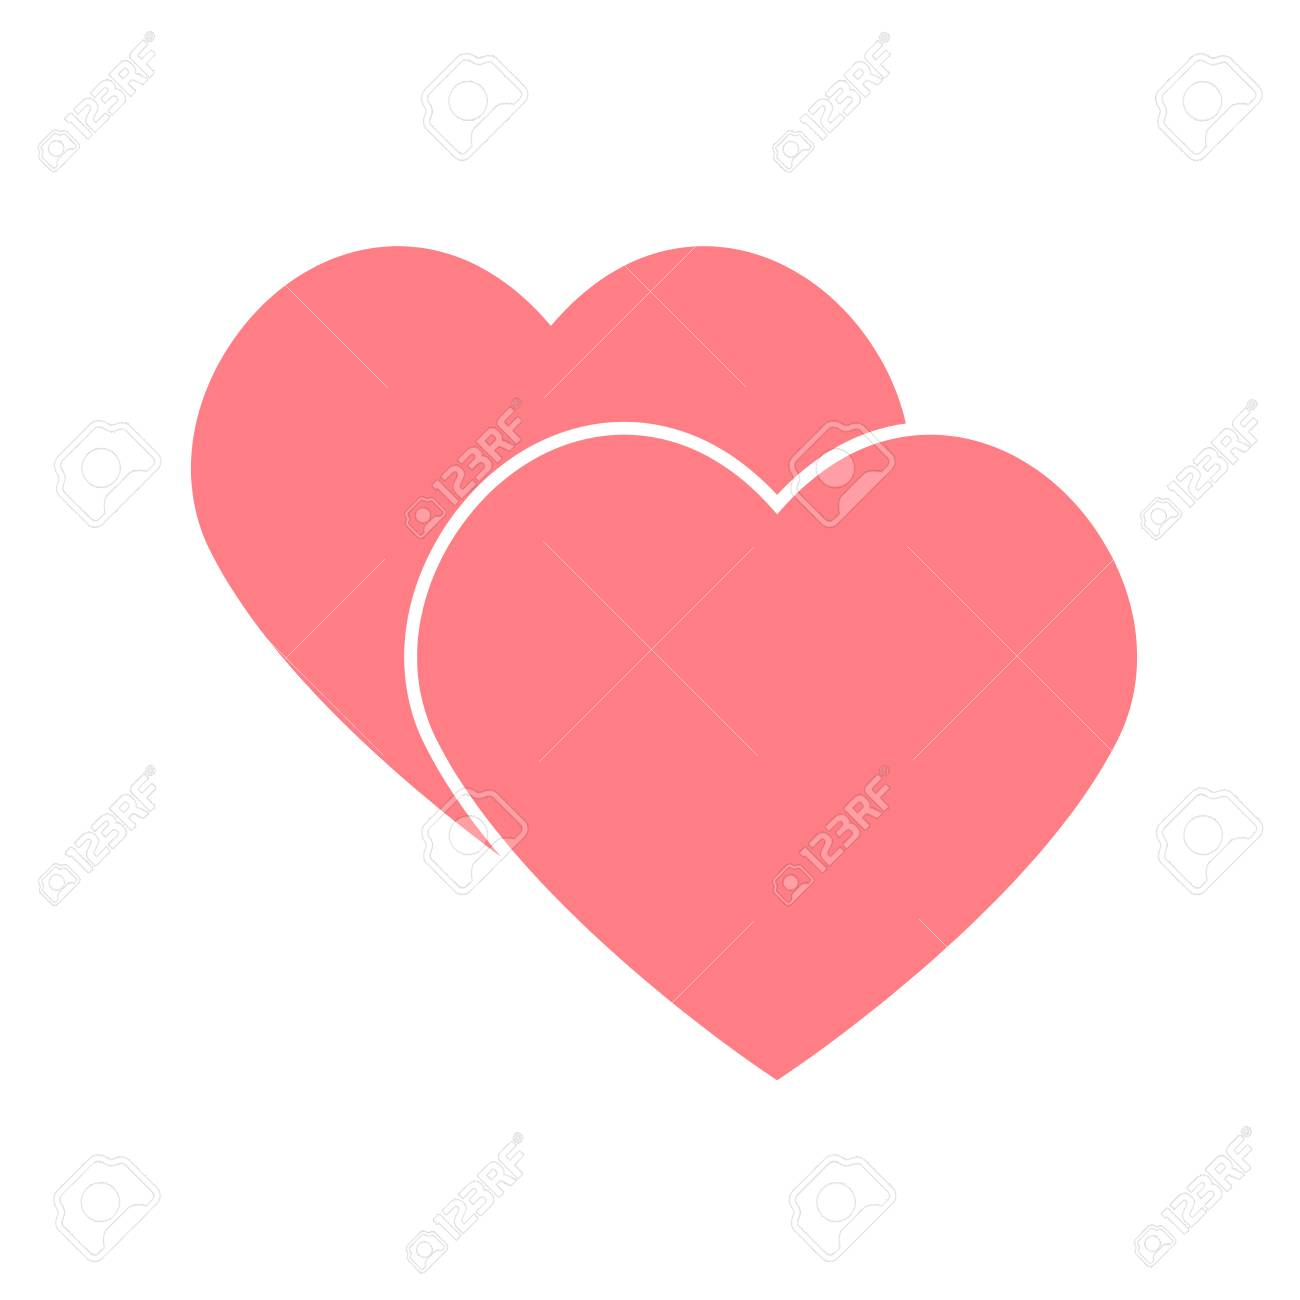 Coração De Vetor Abstrato Elemento Para O Projeto Ilustração Vetorial Para Dia Dos Namorados Conceito De Amor Papel De Parede Feliz Bonito Boa